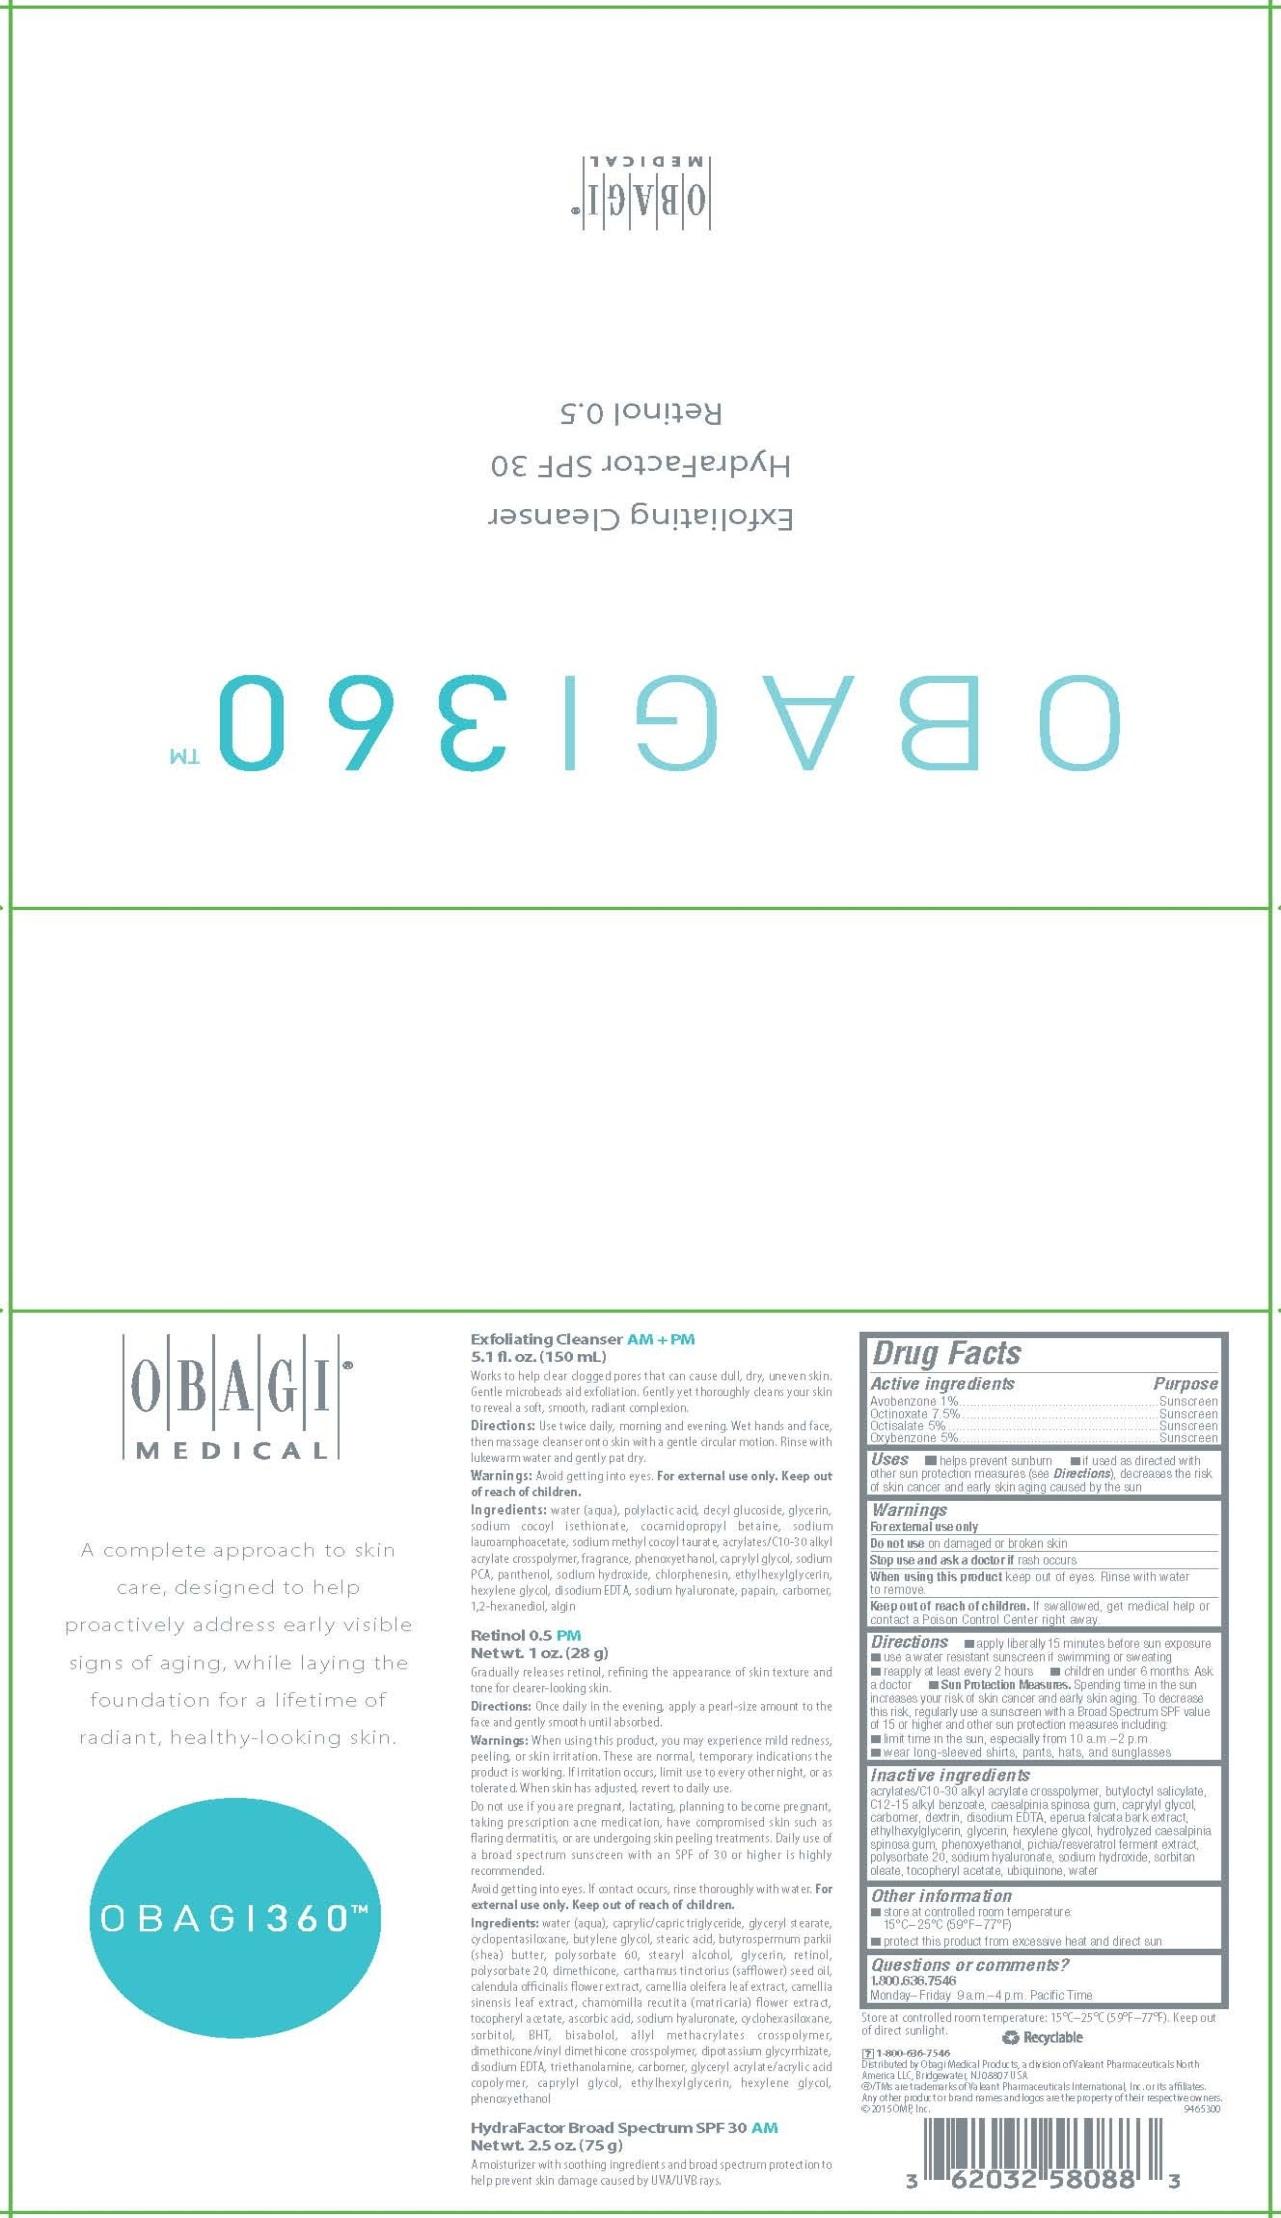 Obagi 360 (Avobenzone, Octinoxate, Octisalate, Oxybenzone) Kit [Omp, Inc.]